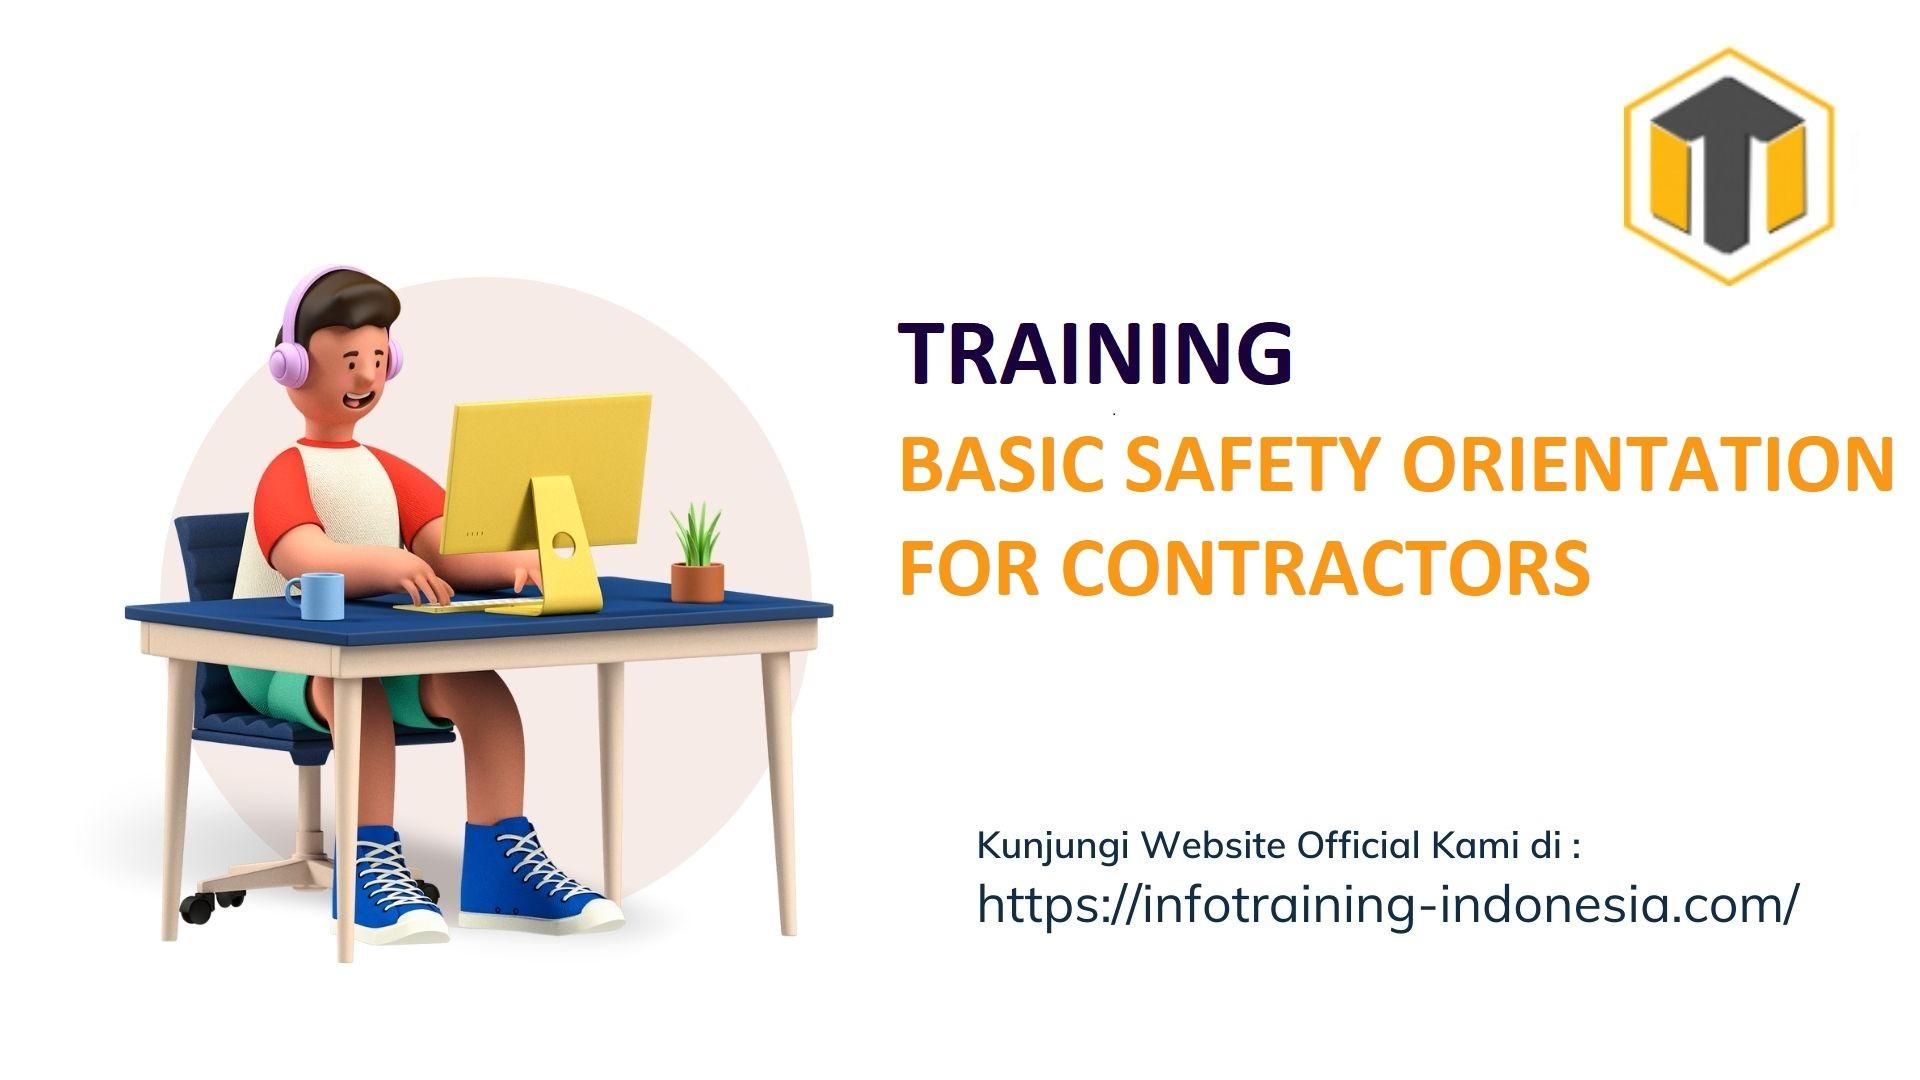 TRAINING BASIC SAFETY ORIENTATION FOR CONTRACTORS pelatihan BASIC SAFETY ORIENTATION FOR CONTRACTORS Bandung